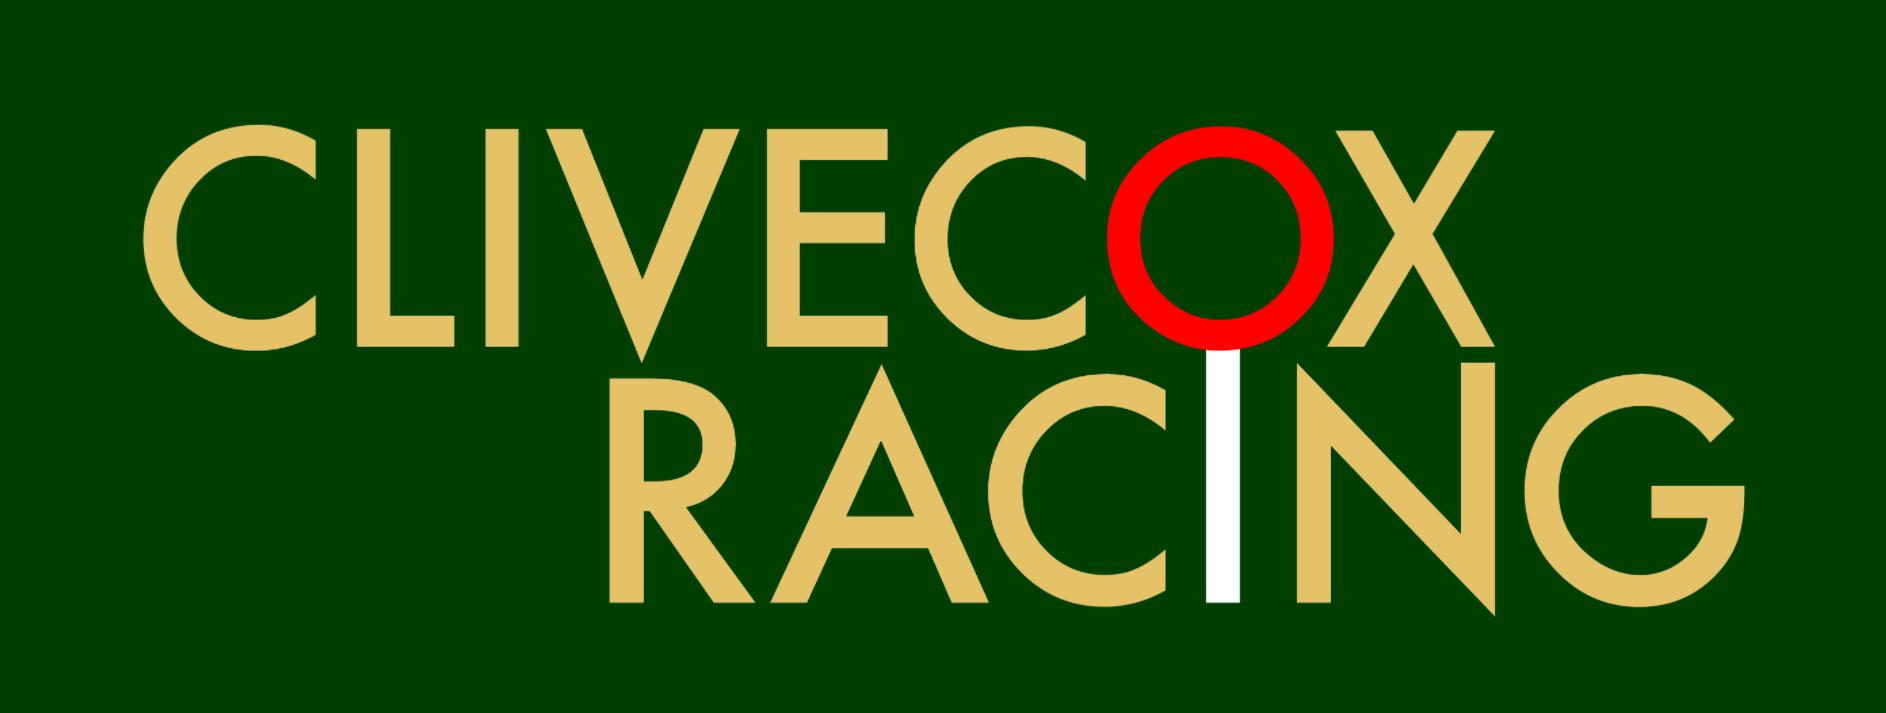 Clive Cox Racing